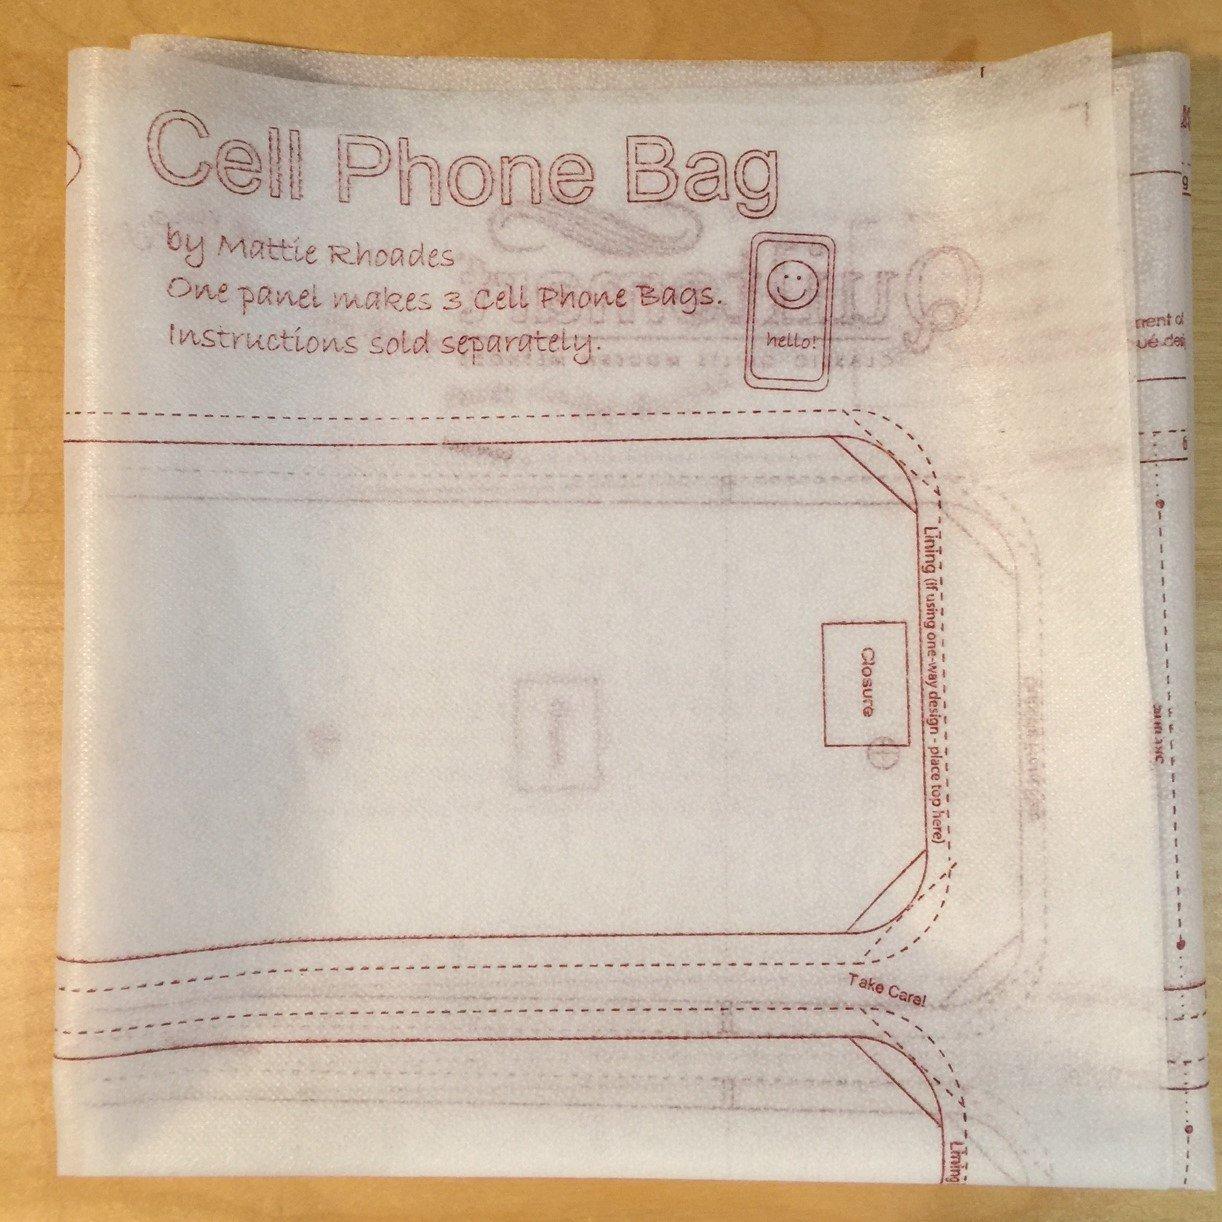 Cell Phone Bag interfacing panel